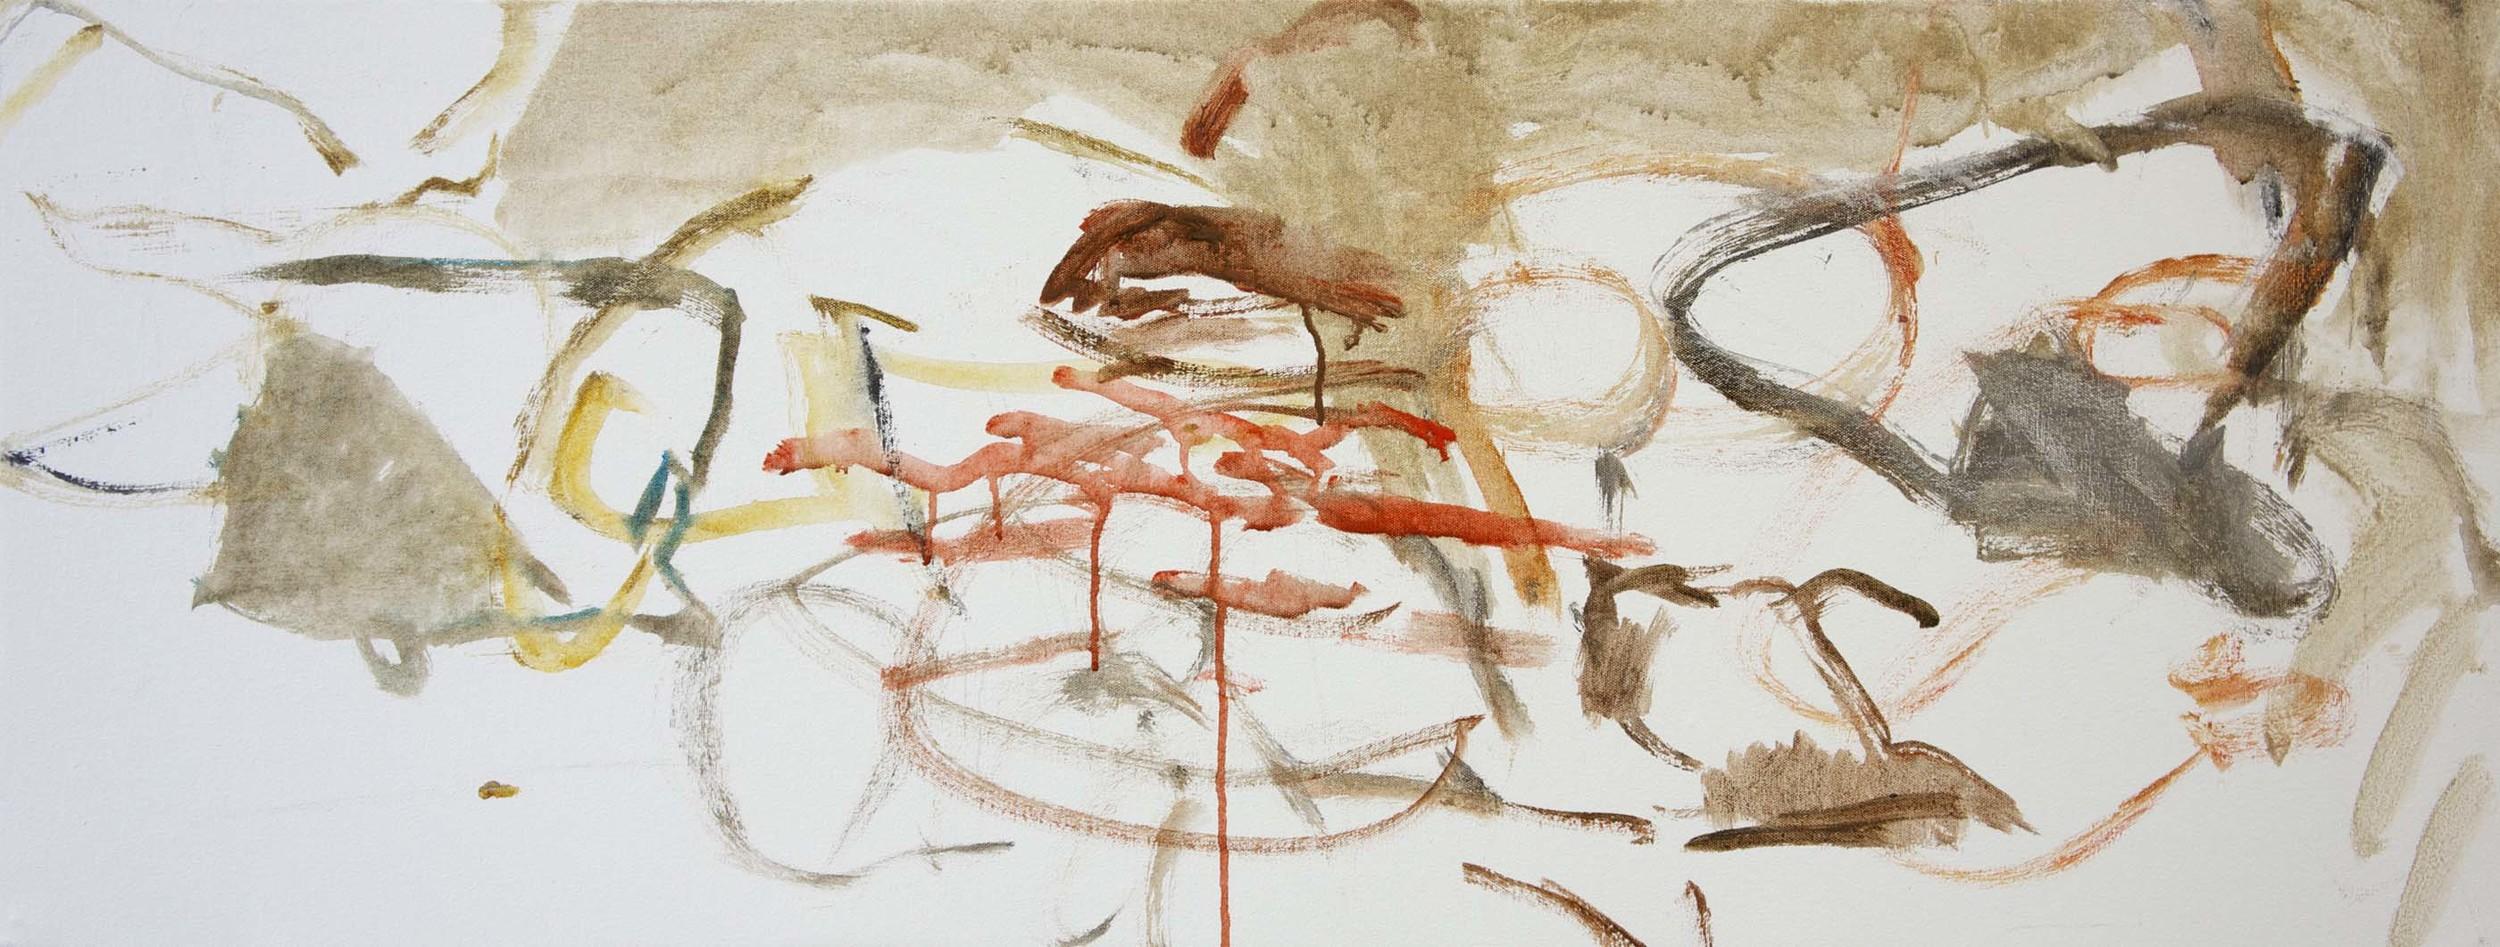 """kerber creek  18x48""""   a new painting begun 7/9/13"""